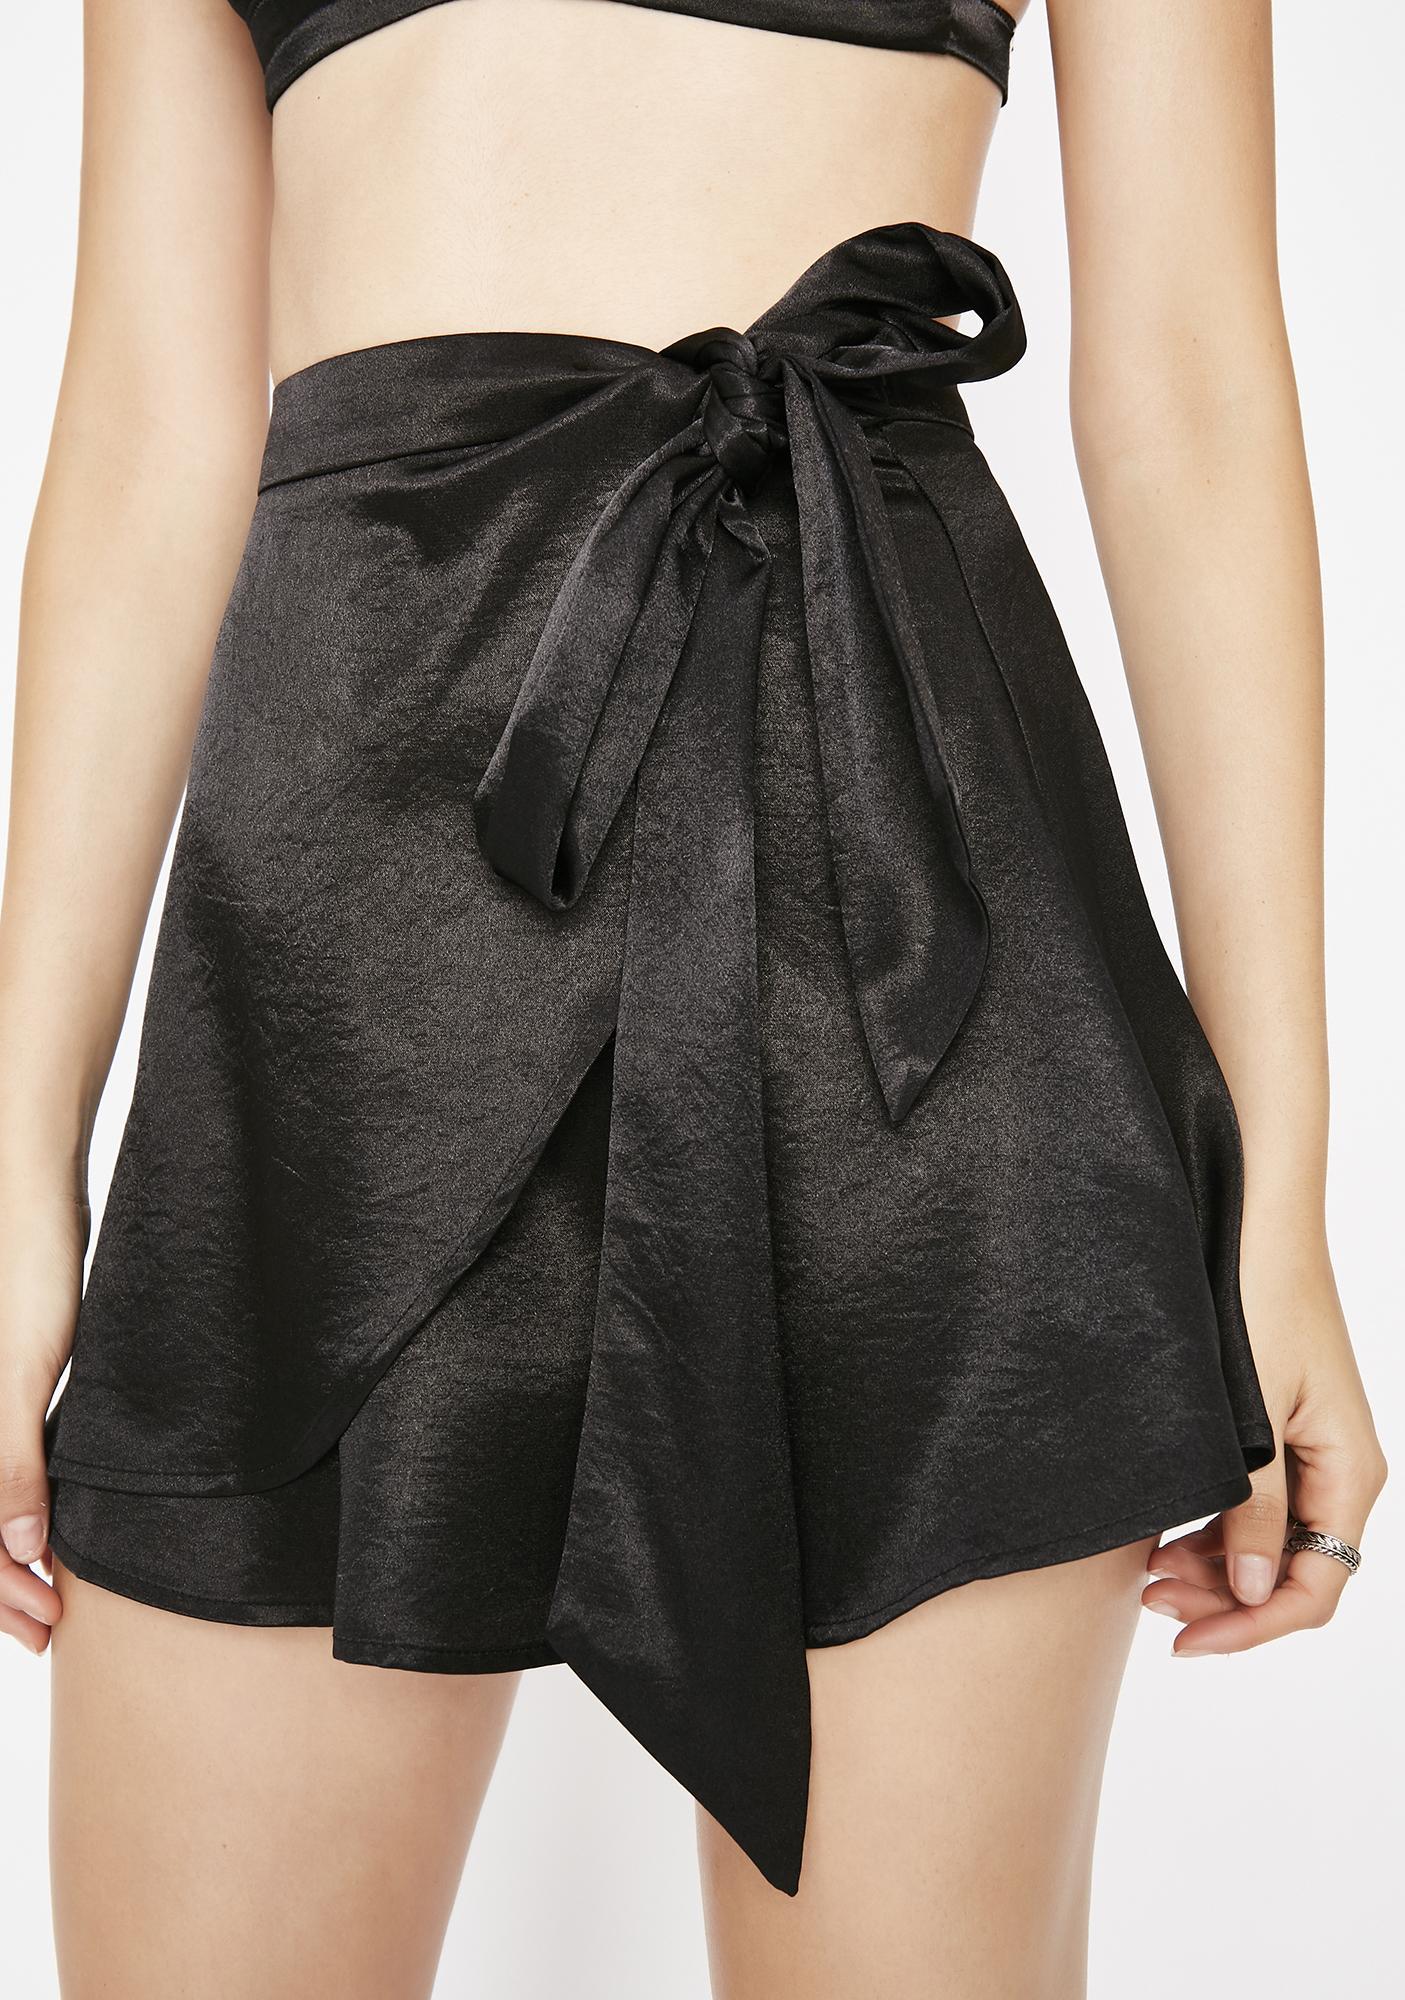 Bad Thang Satin Skirt